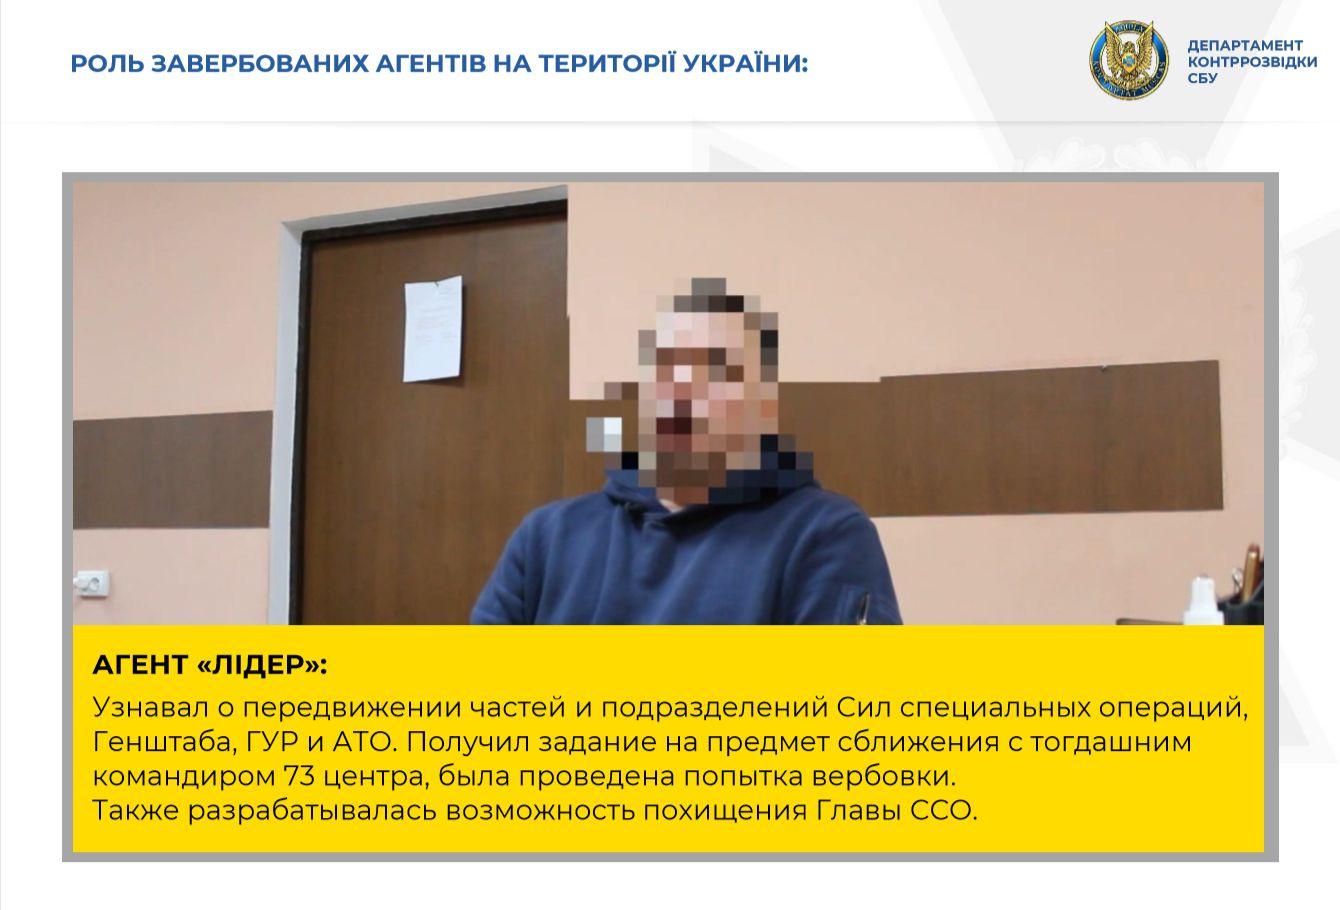 FSB ajanları, Ukrayna silahlı kuvvetleri hakkında bilgi topladı